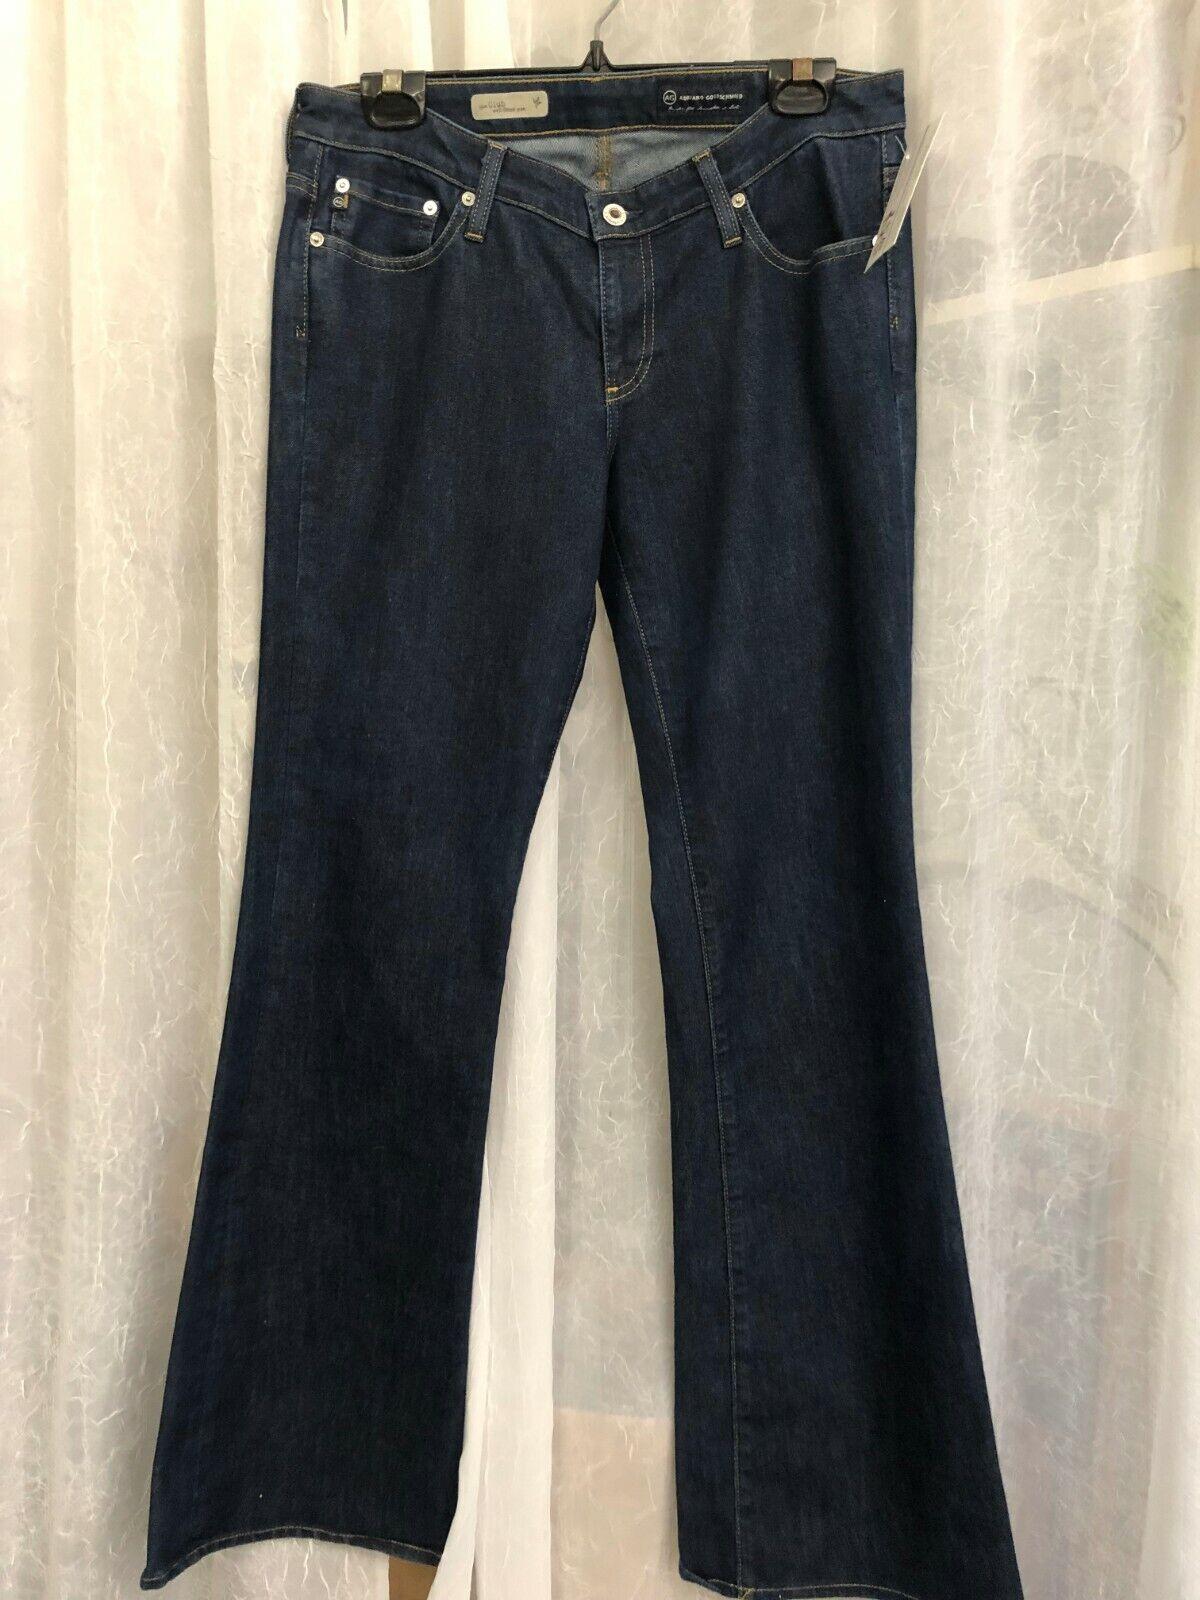 Adriano goldschmied Women's The Club Dark Denim Jeans Size 31